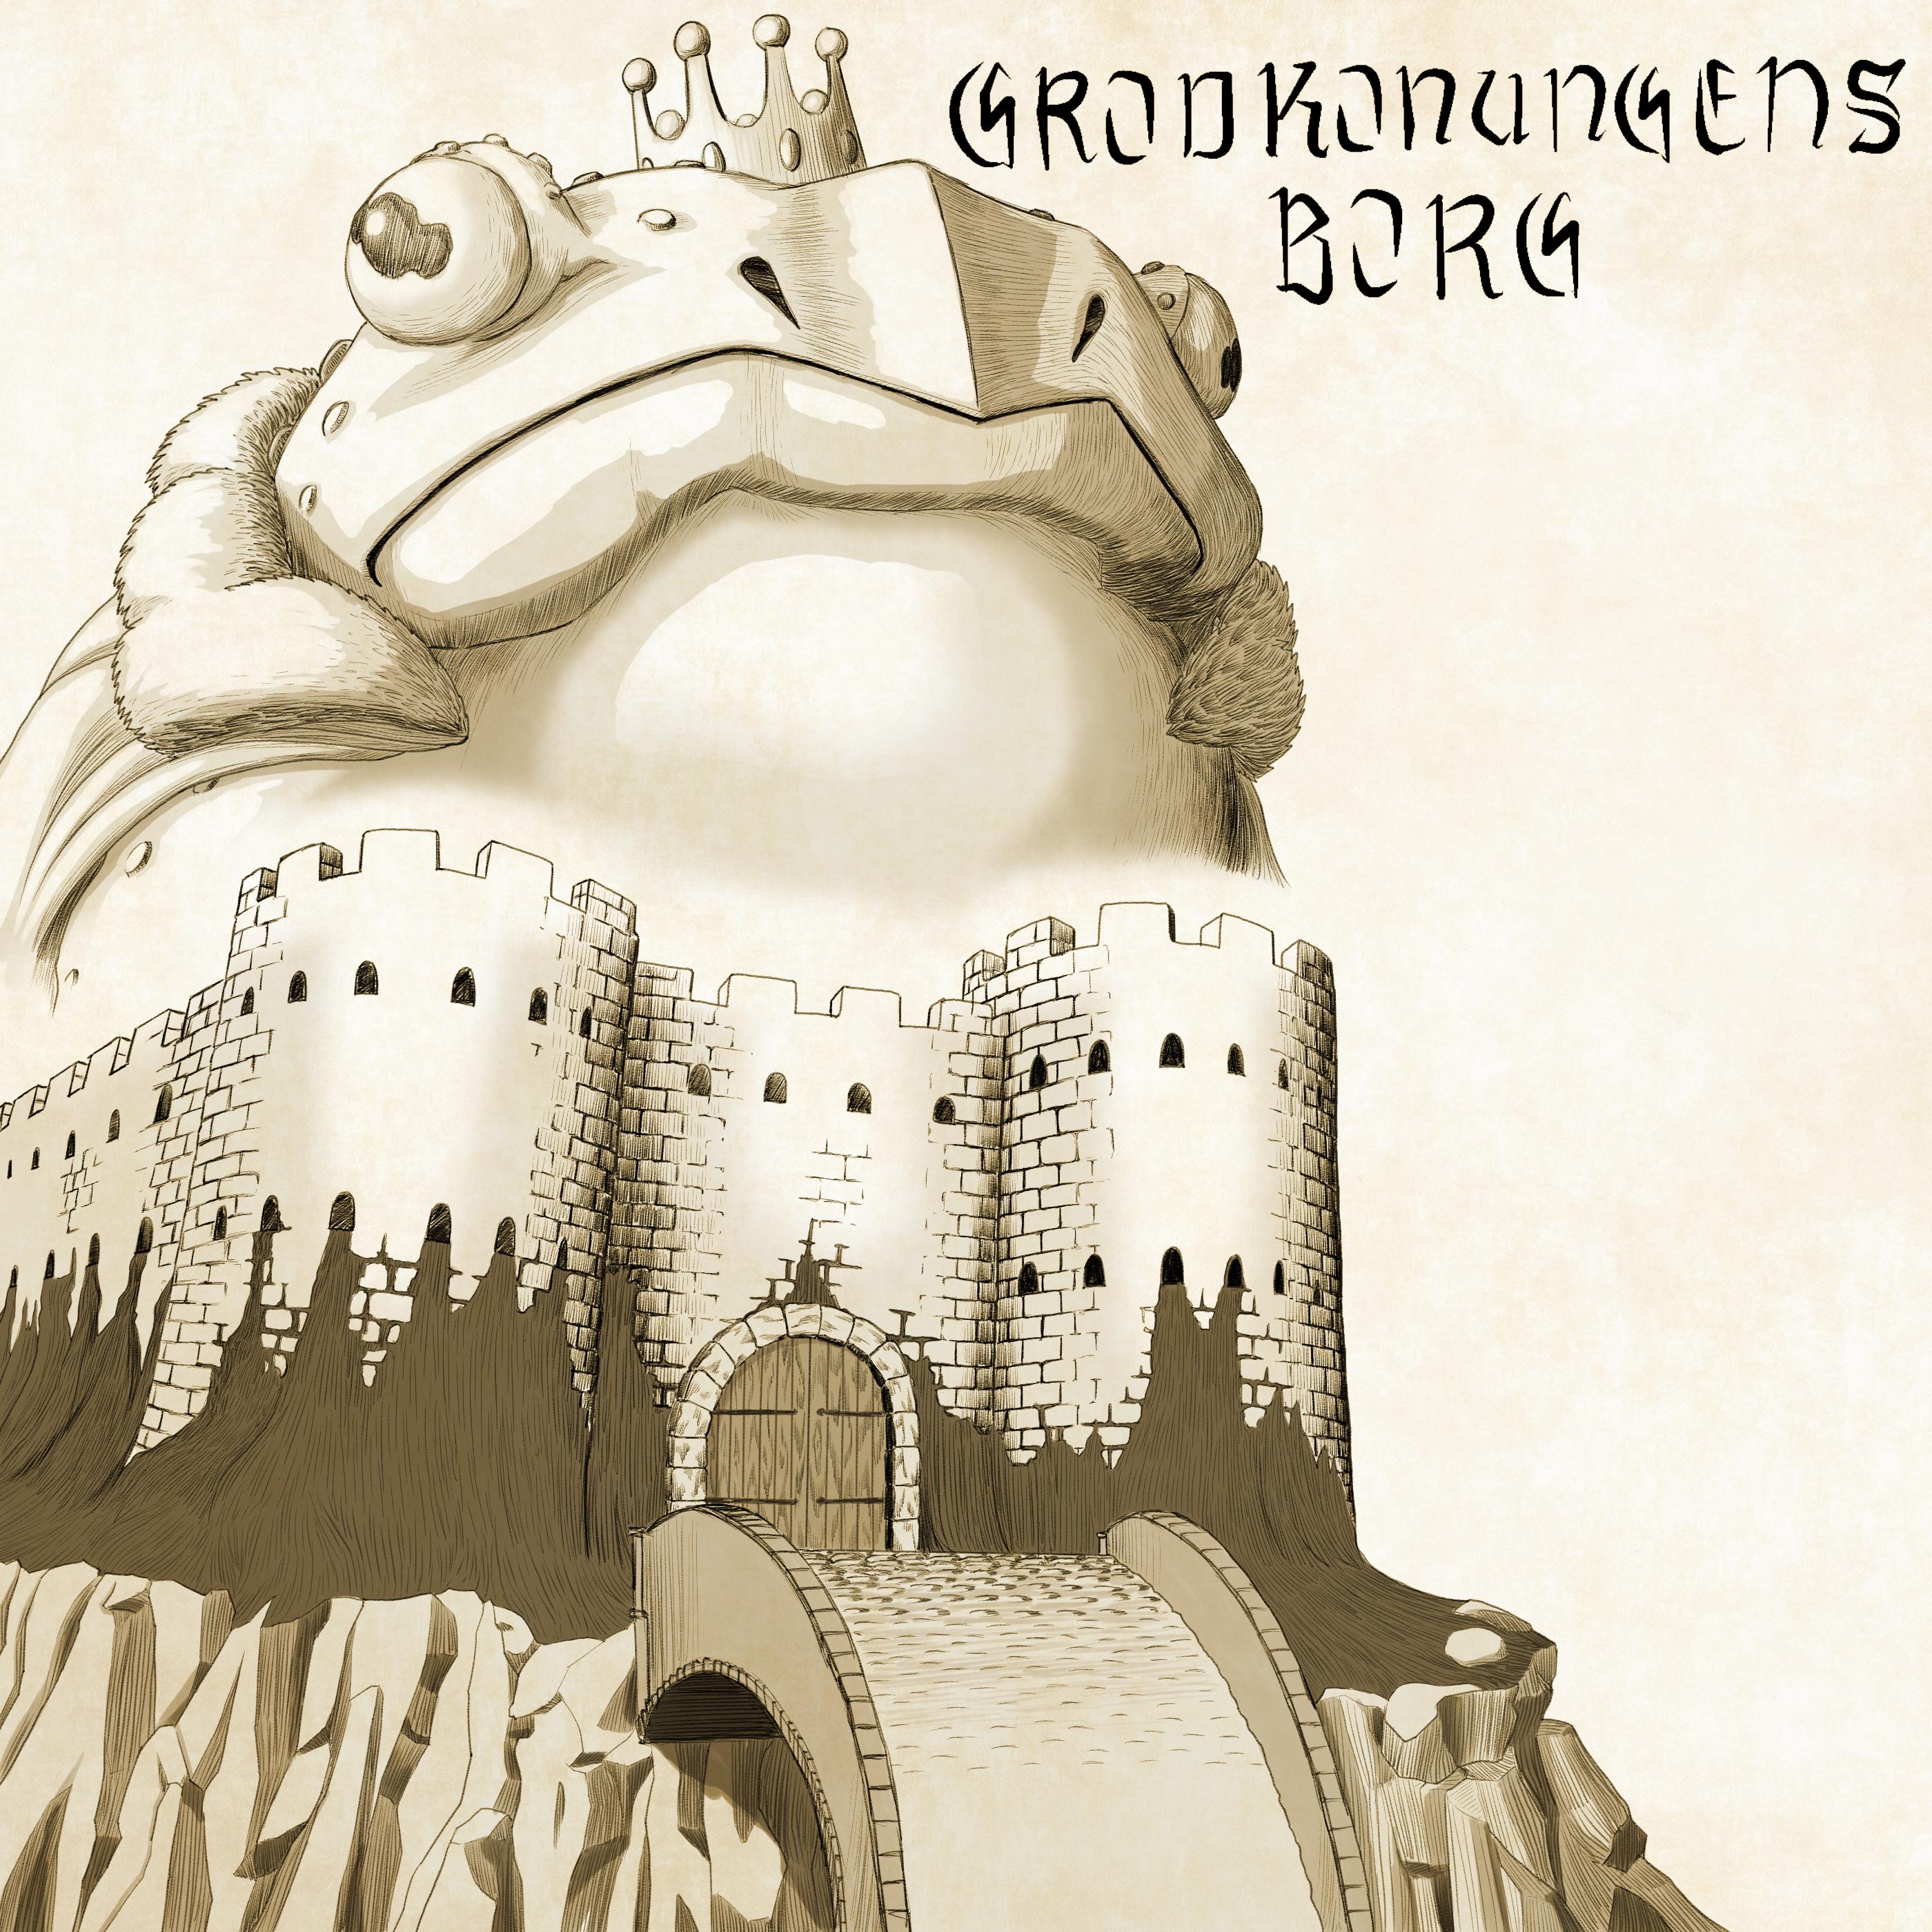 Grodkonungens Borg show art